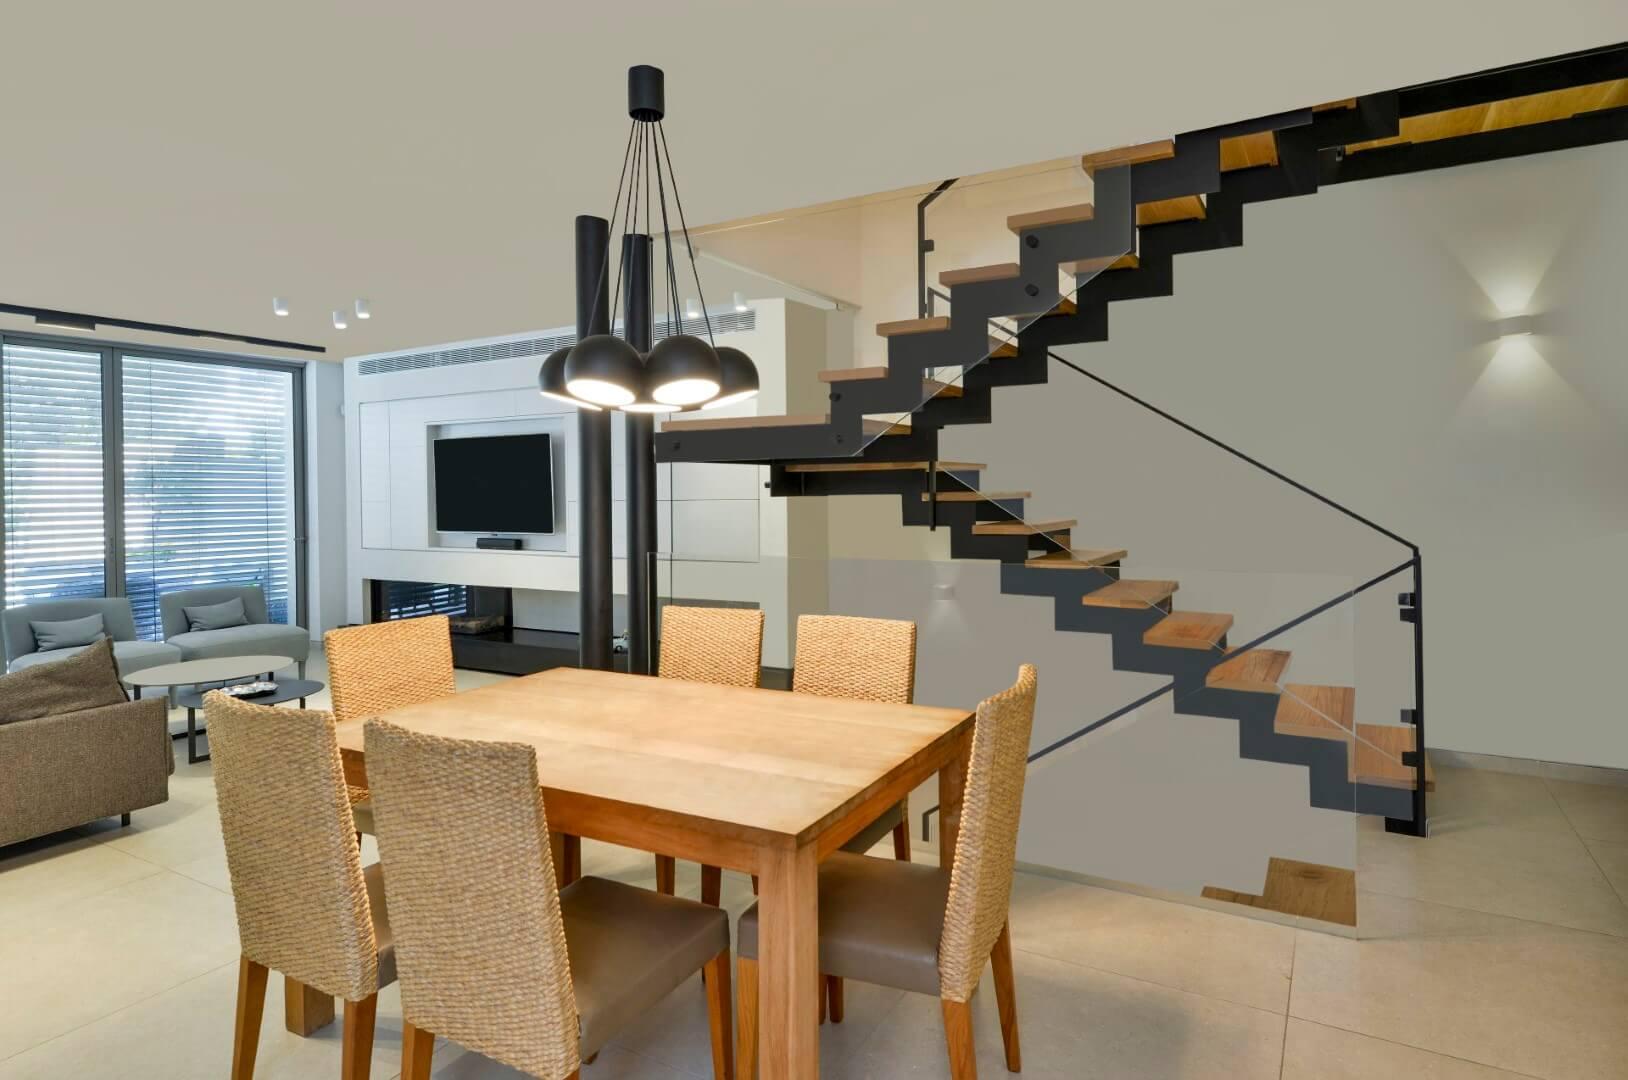 מדרגות עץ וברזל שחור עולים למעלה וחולפים על פני פינת האוכל הביתית